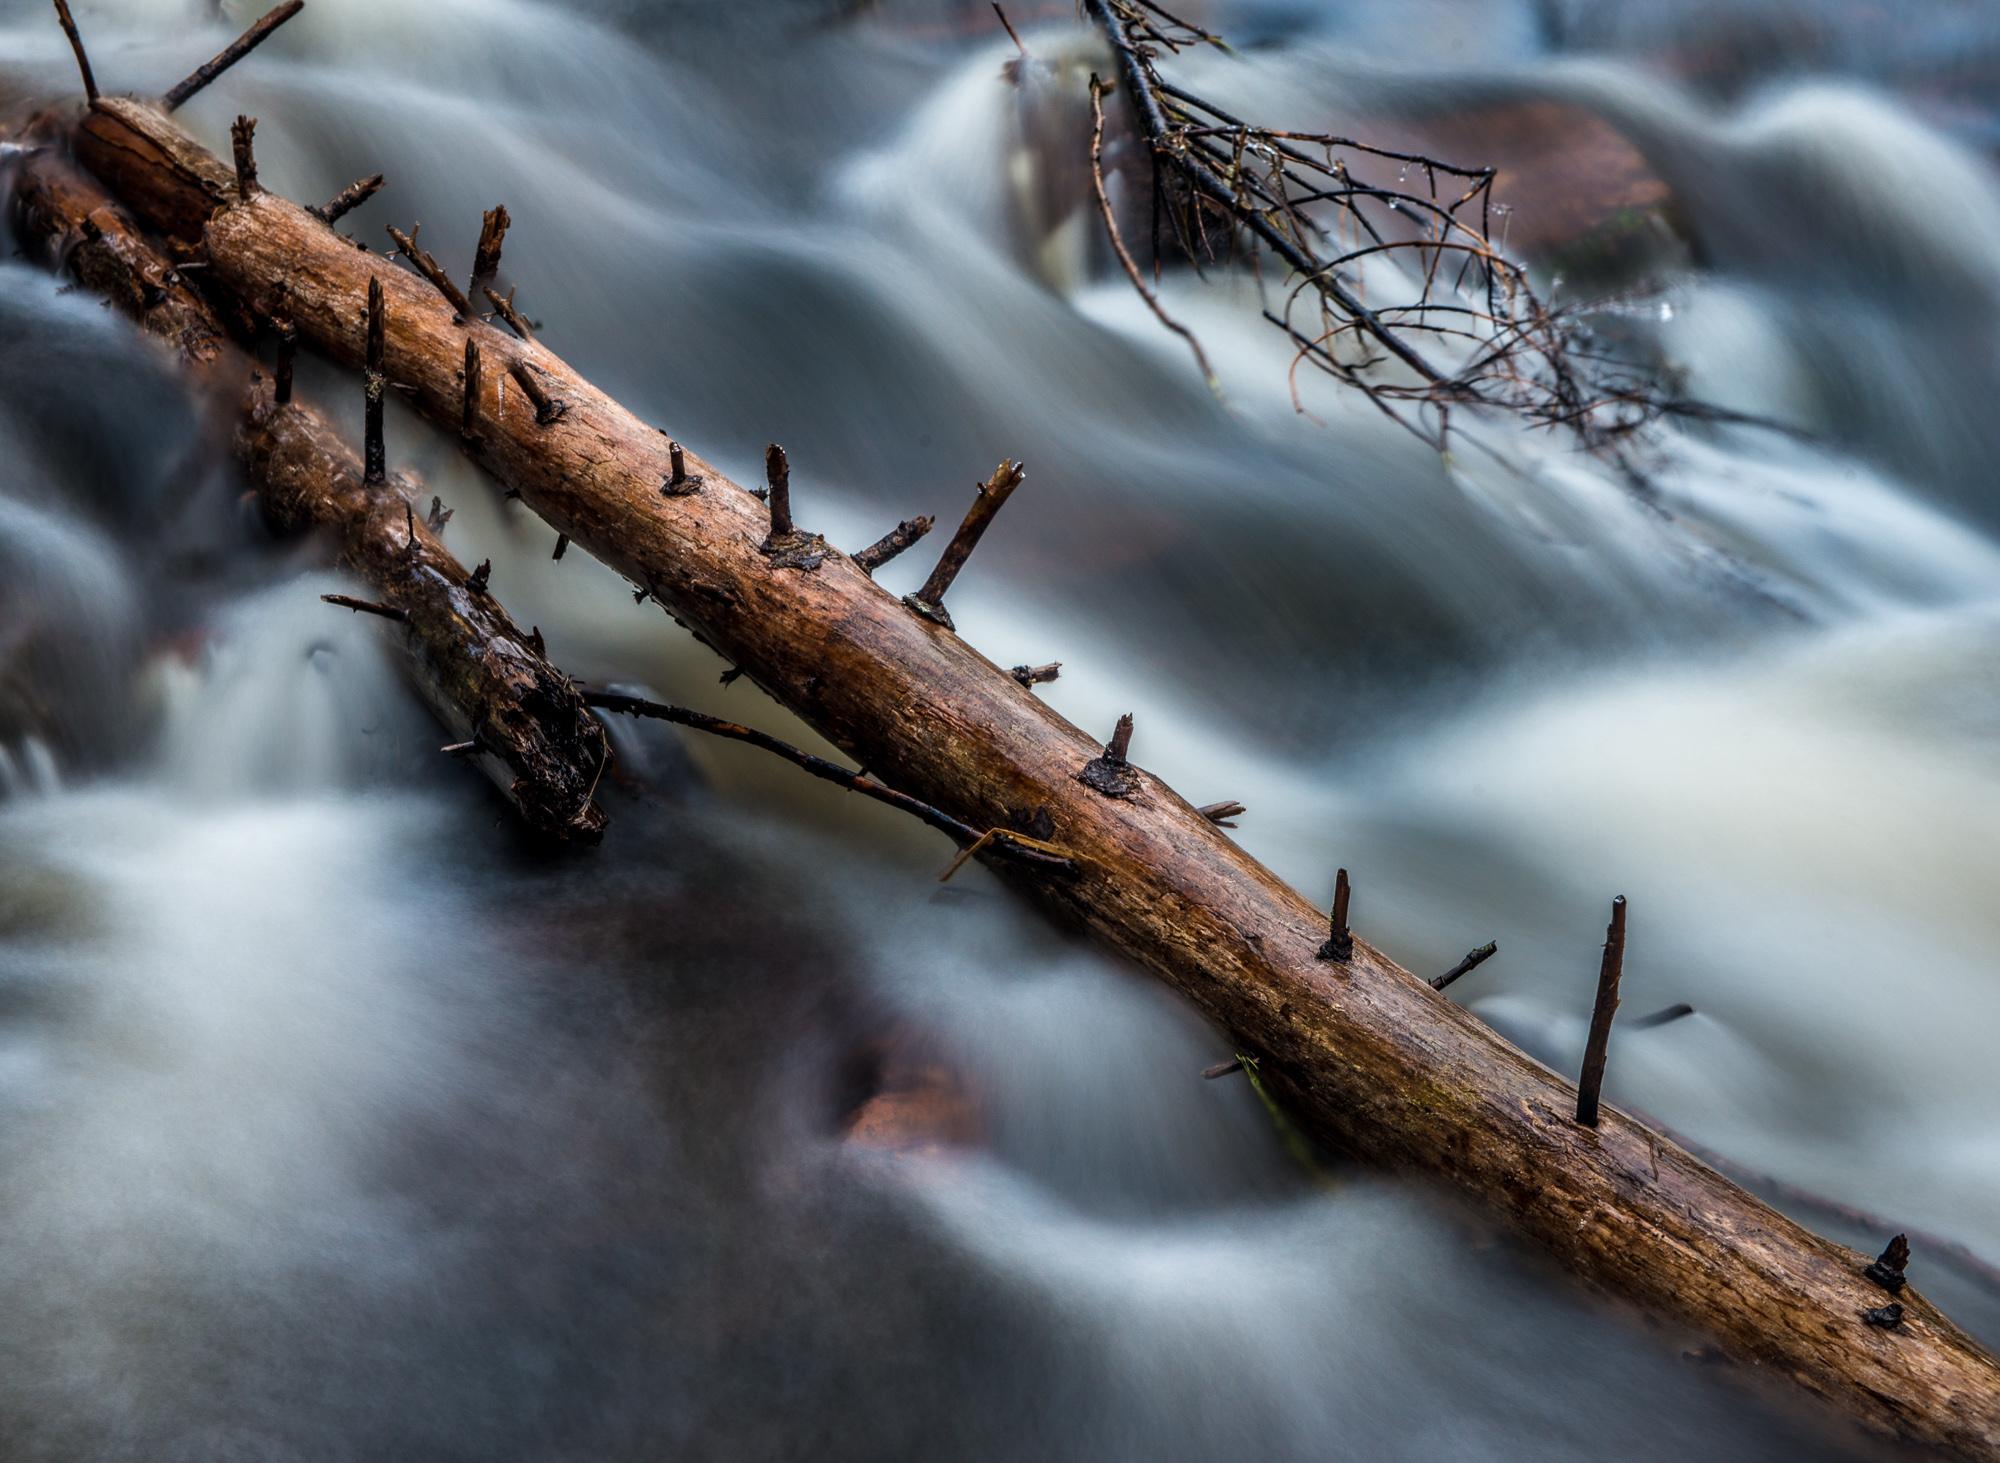 Tomahawk River Falls, Nova Scotia